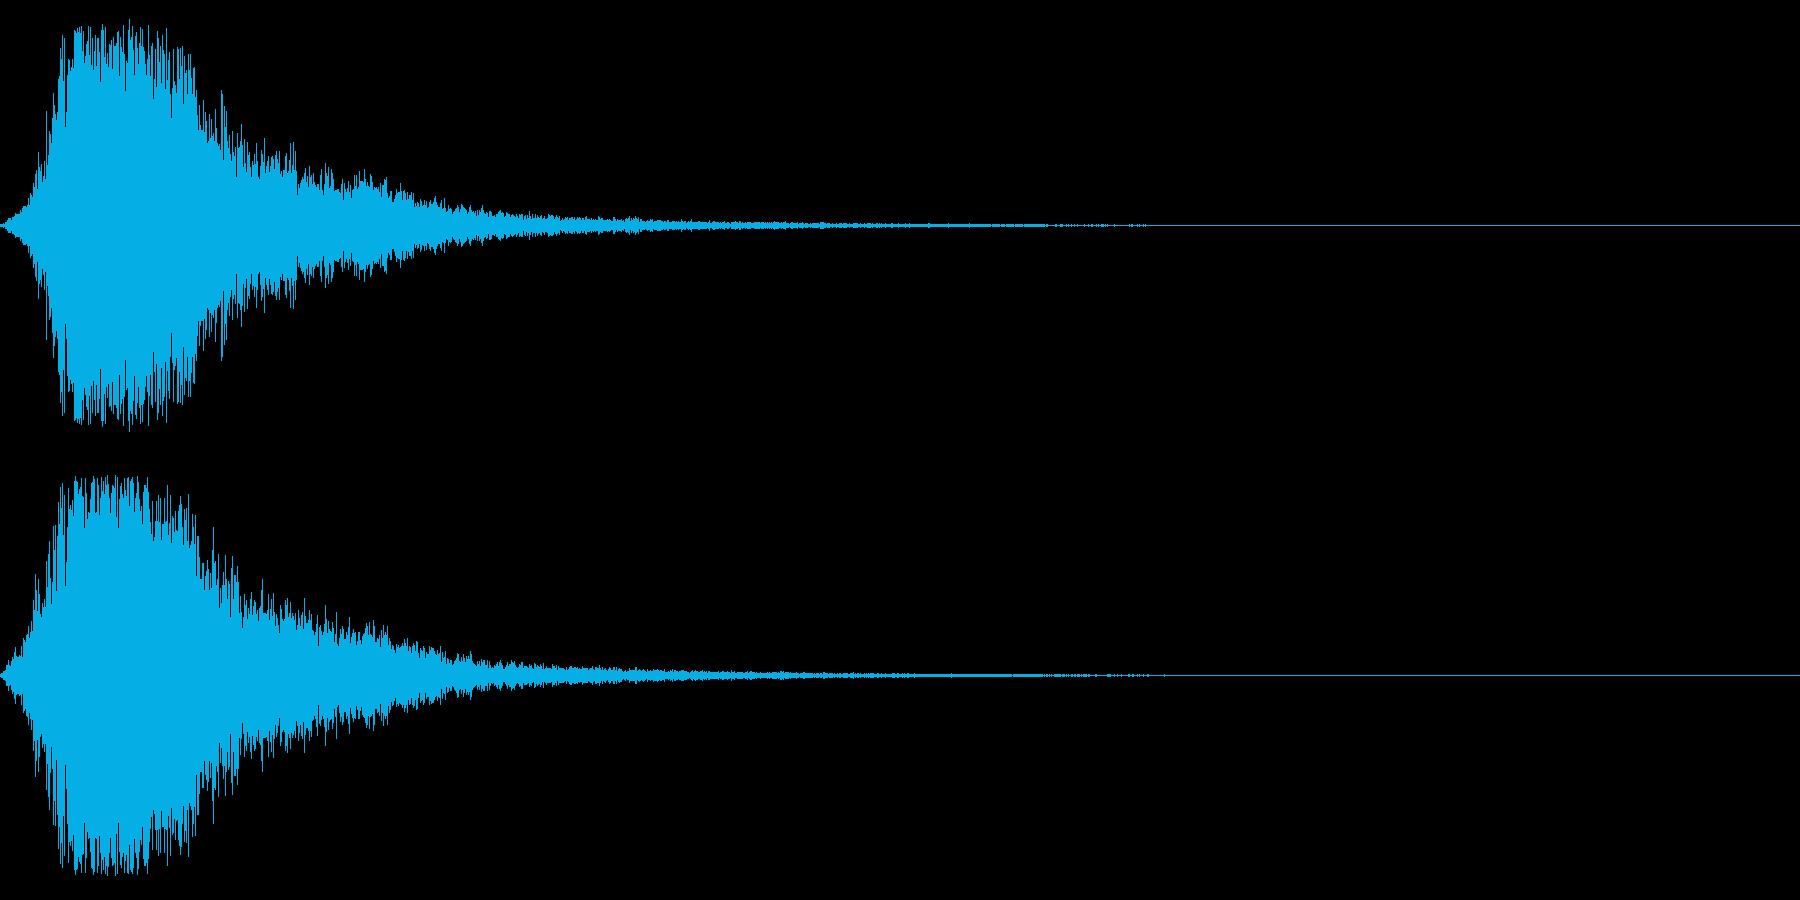 シャキーン☆オーケストラヒット!1bの再生済みの波形